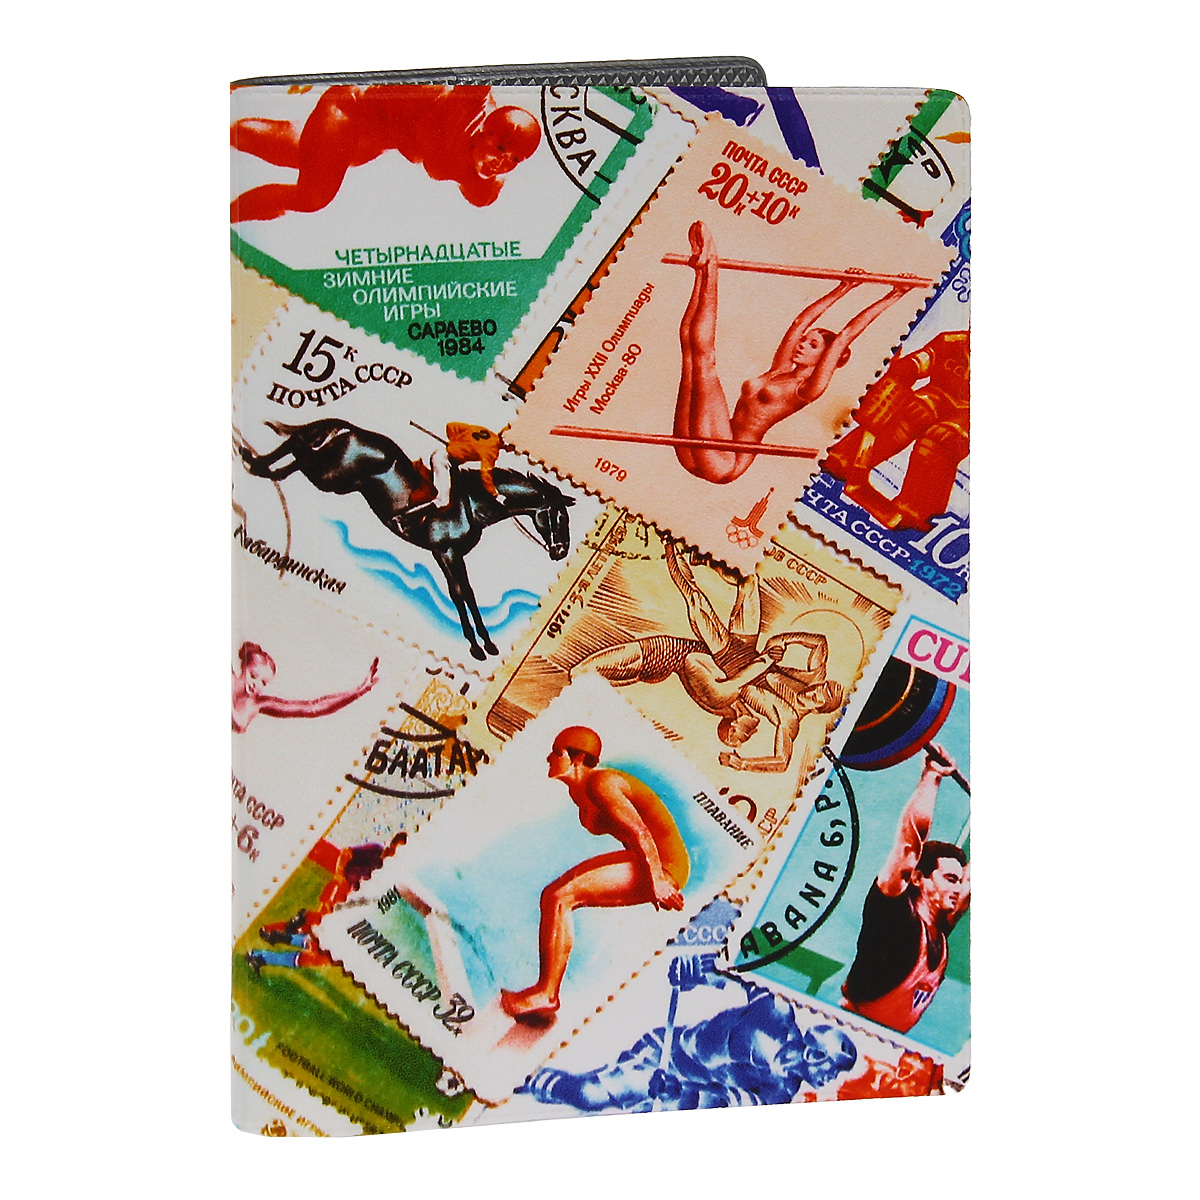 Обложка для паспорта Спорт (марки) 2. OZAM281ПВХ (поливинилхлорид)Обложка для паспорта Mitya Veselkov Спорт. Марки - 2 выполнена из прочного ПВХ и оформлена изображениями почтовых марок со спортивной тематикой. Такая обложка не только поможет сохранить внешний вид ваших документов и защитит их от повреждений, но и станет стильным аксессуаром, идеально подходящим вашему образу.Яркая и оригинальная обложка подчеркнет вашу индивидуальность и изысканный вкус. Обложка для паспорта стильного дизайна может быть достойным и оригинальным подарком.